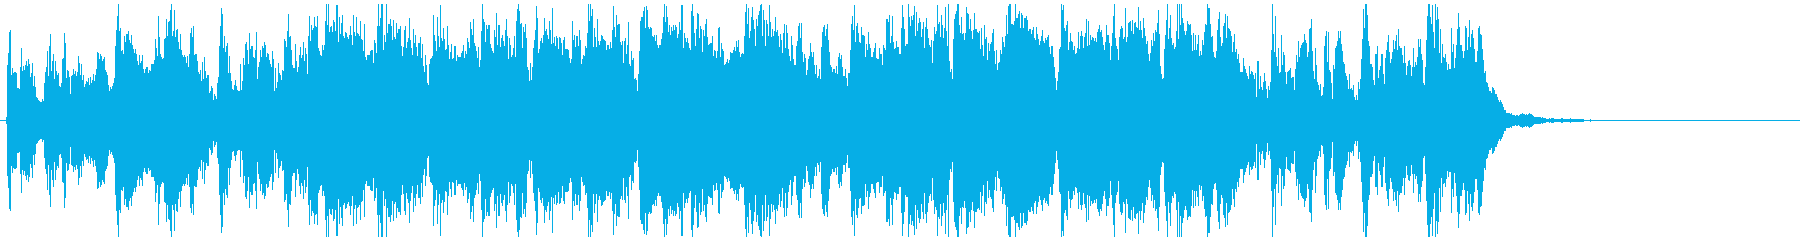 陽気で活発な明るいサンバ 15秒CM用の再生済みの波形